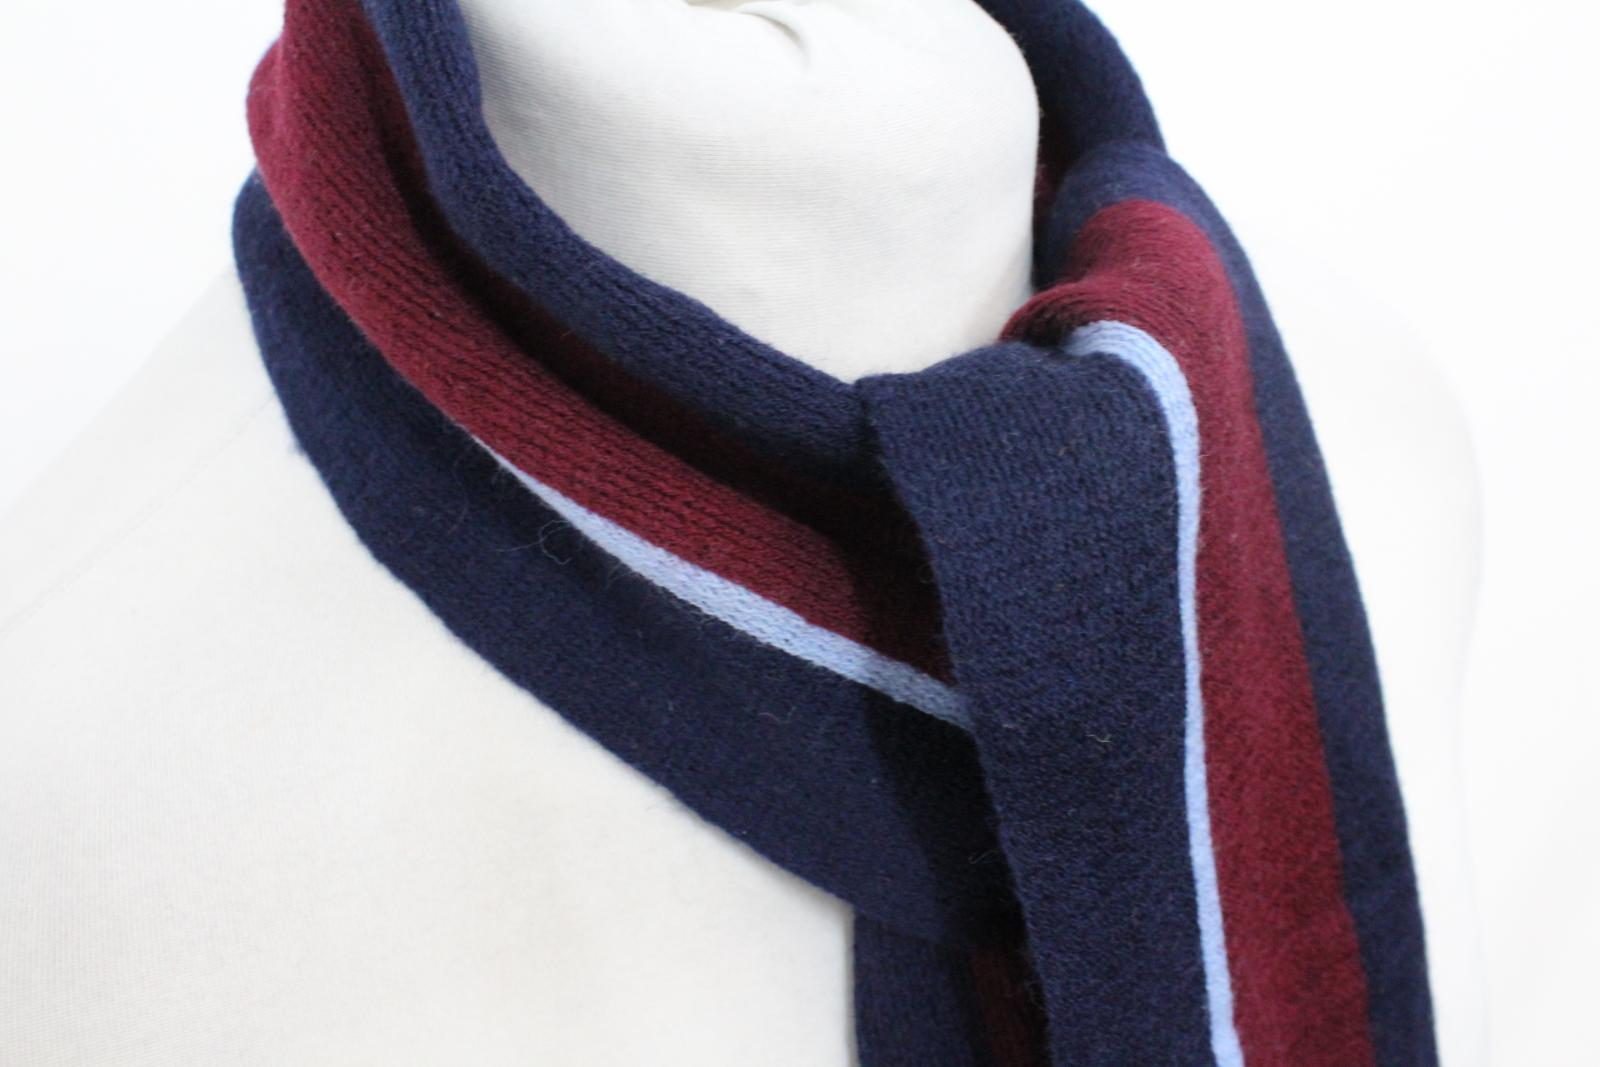 Hilltop-Homme-Bleu-amp-Rouge-Laine-depouille-rectangulaire-Tricot-echarpe-152-cm-x-20-cm miniature 8